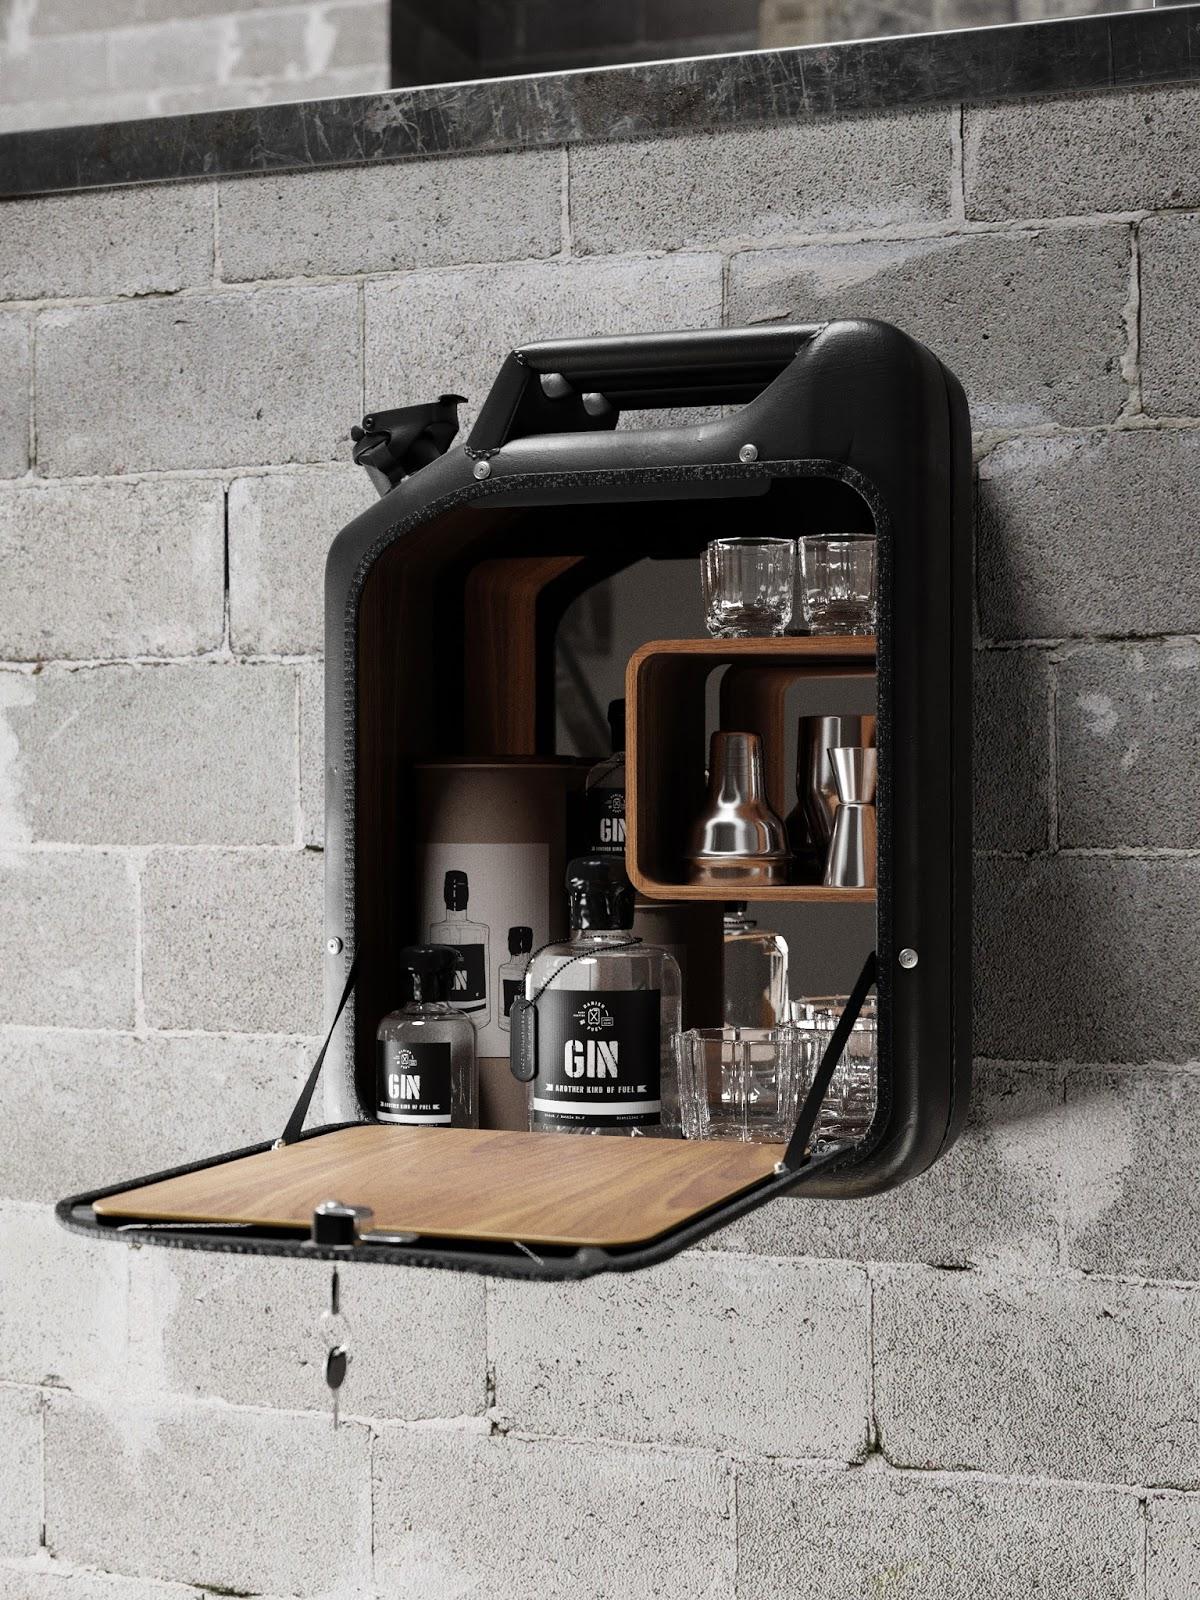 Wohndesign mal anders - Danish Fuel macht Designobjekte aus alten WW2 Benzinkanistern